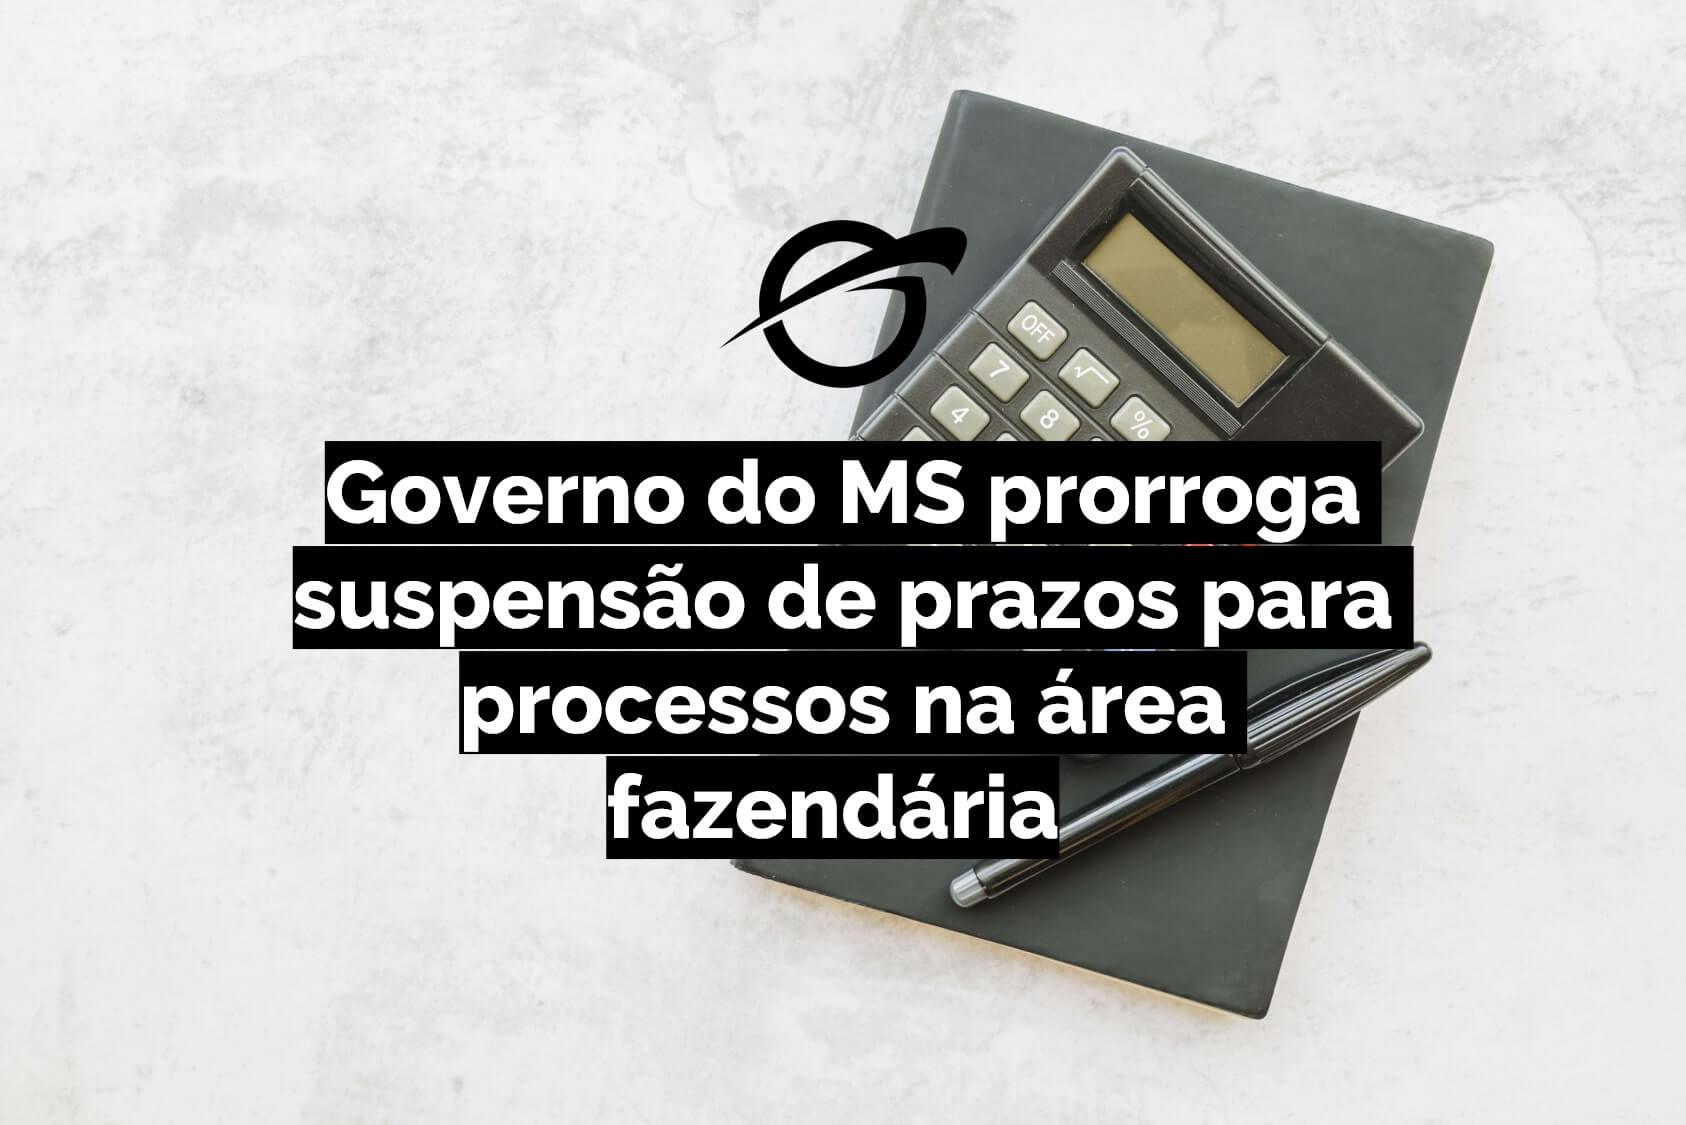 Governo do MS prorroga suspensão de prazos para processos na área fazendária